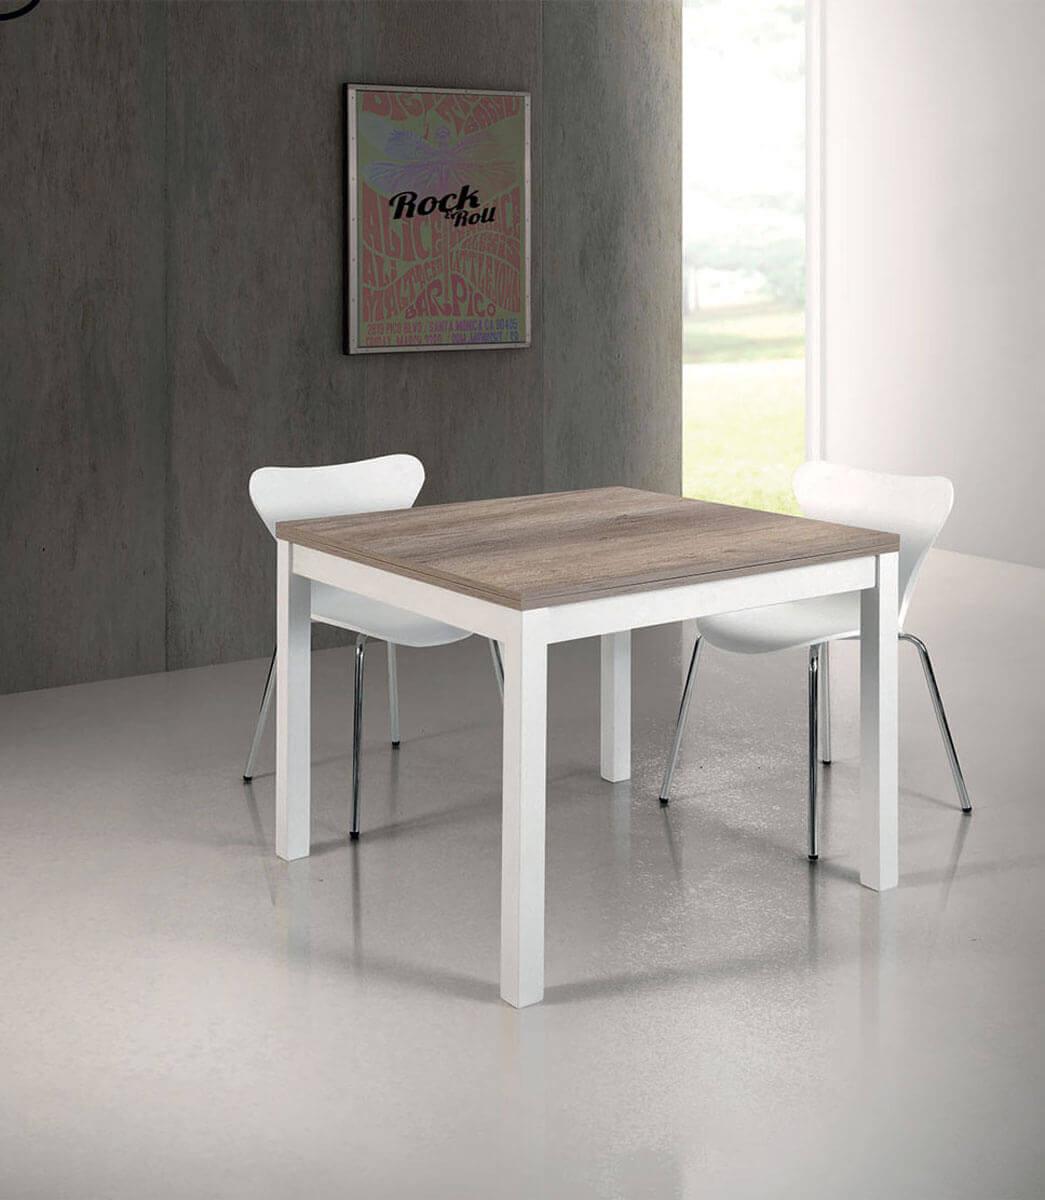 Dimensioni Tavolo Quadrato Per 4 Persone.Tavolo Quadrato Allungabile A Libro In Legno 4 8 Persone 90 180 Cm Spazio Casa